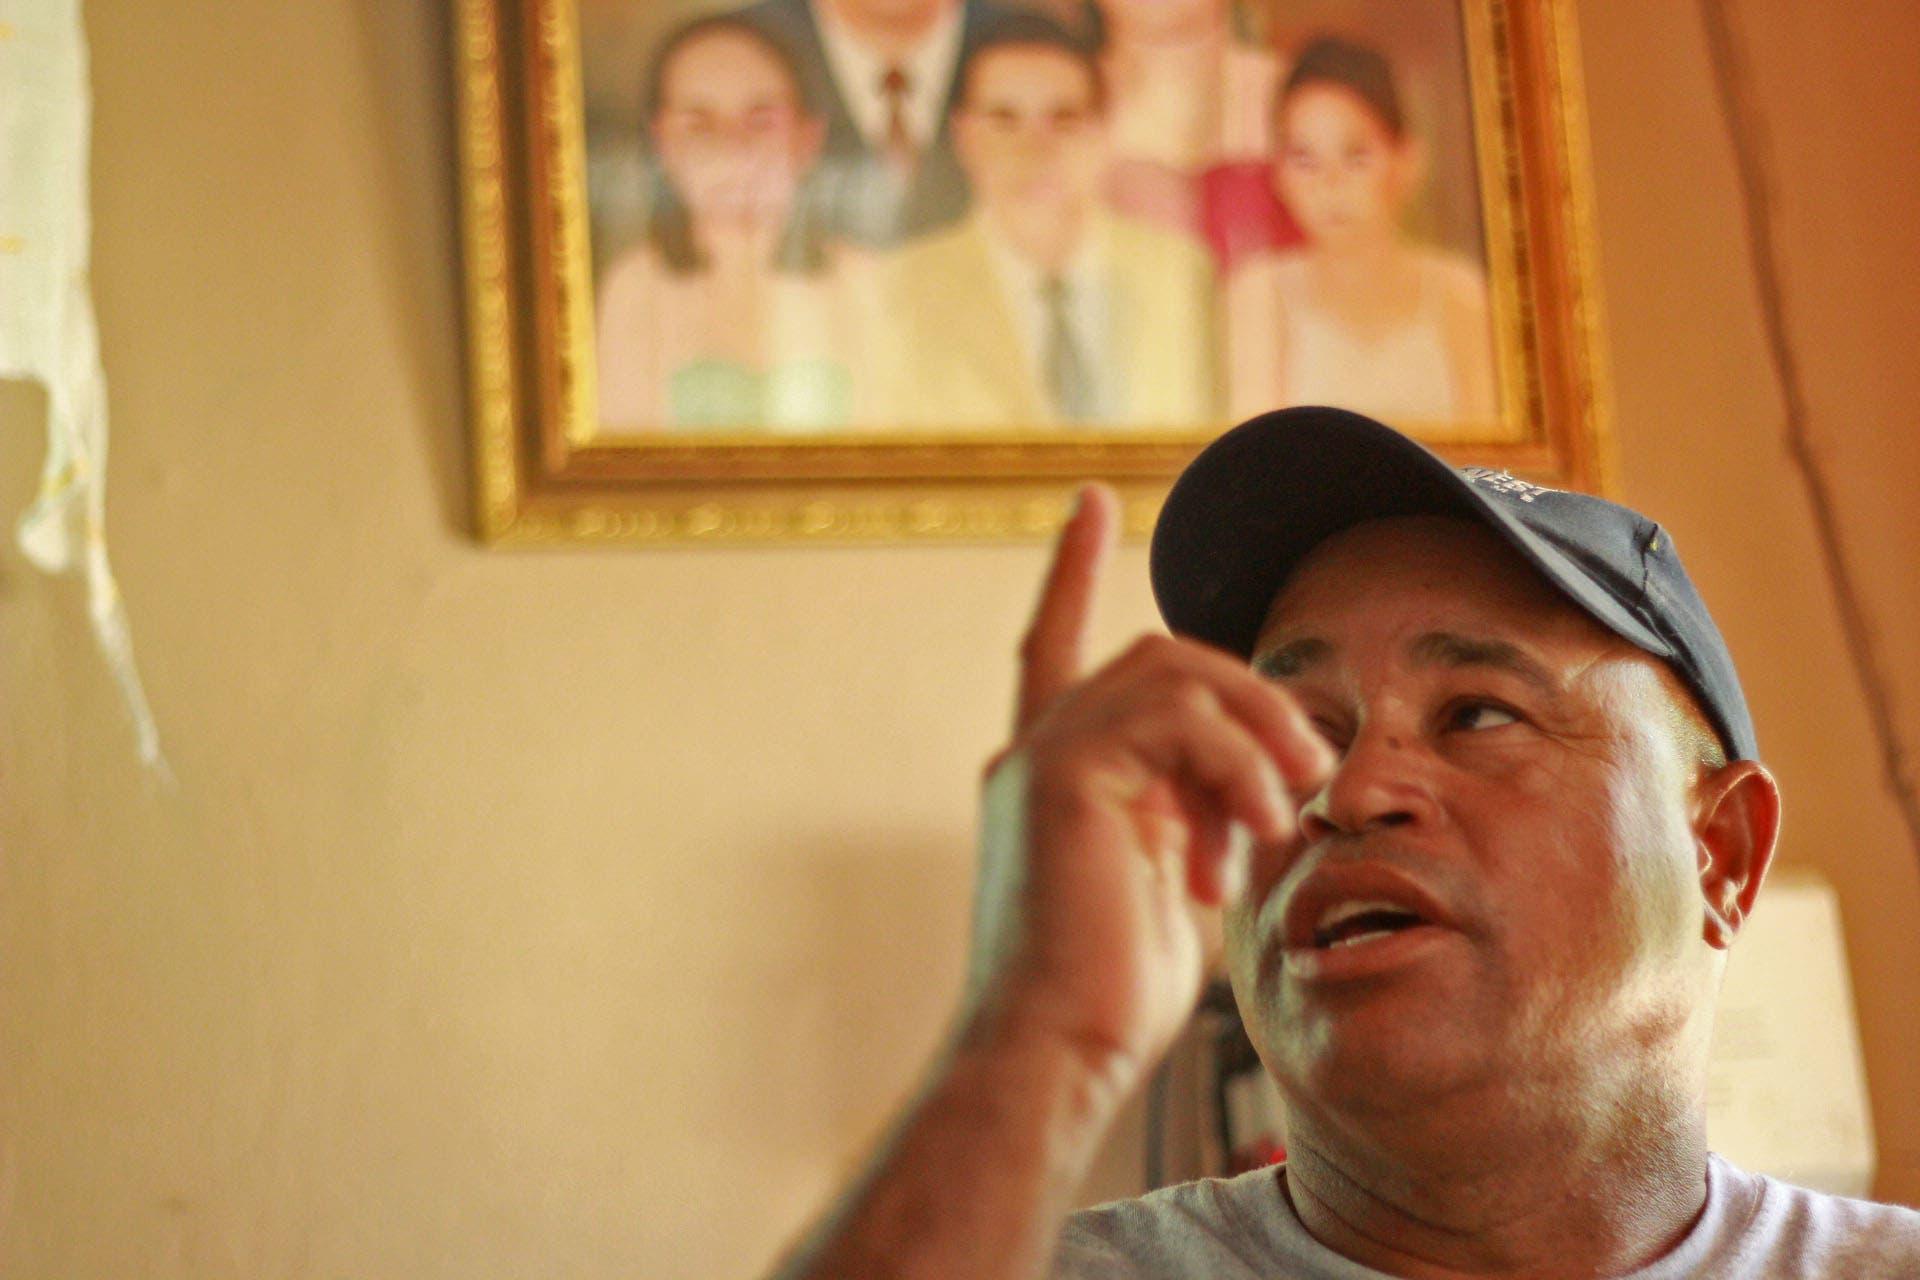 Genaro Peguero, padre de Emely, confía en que su caso no quedará impune. Foto:Elieser Tapia/El Día.